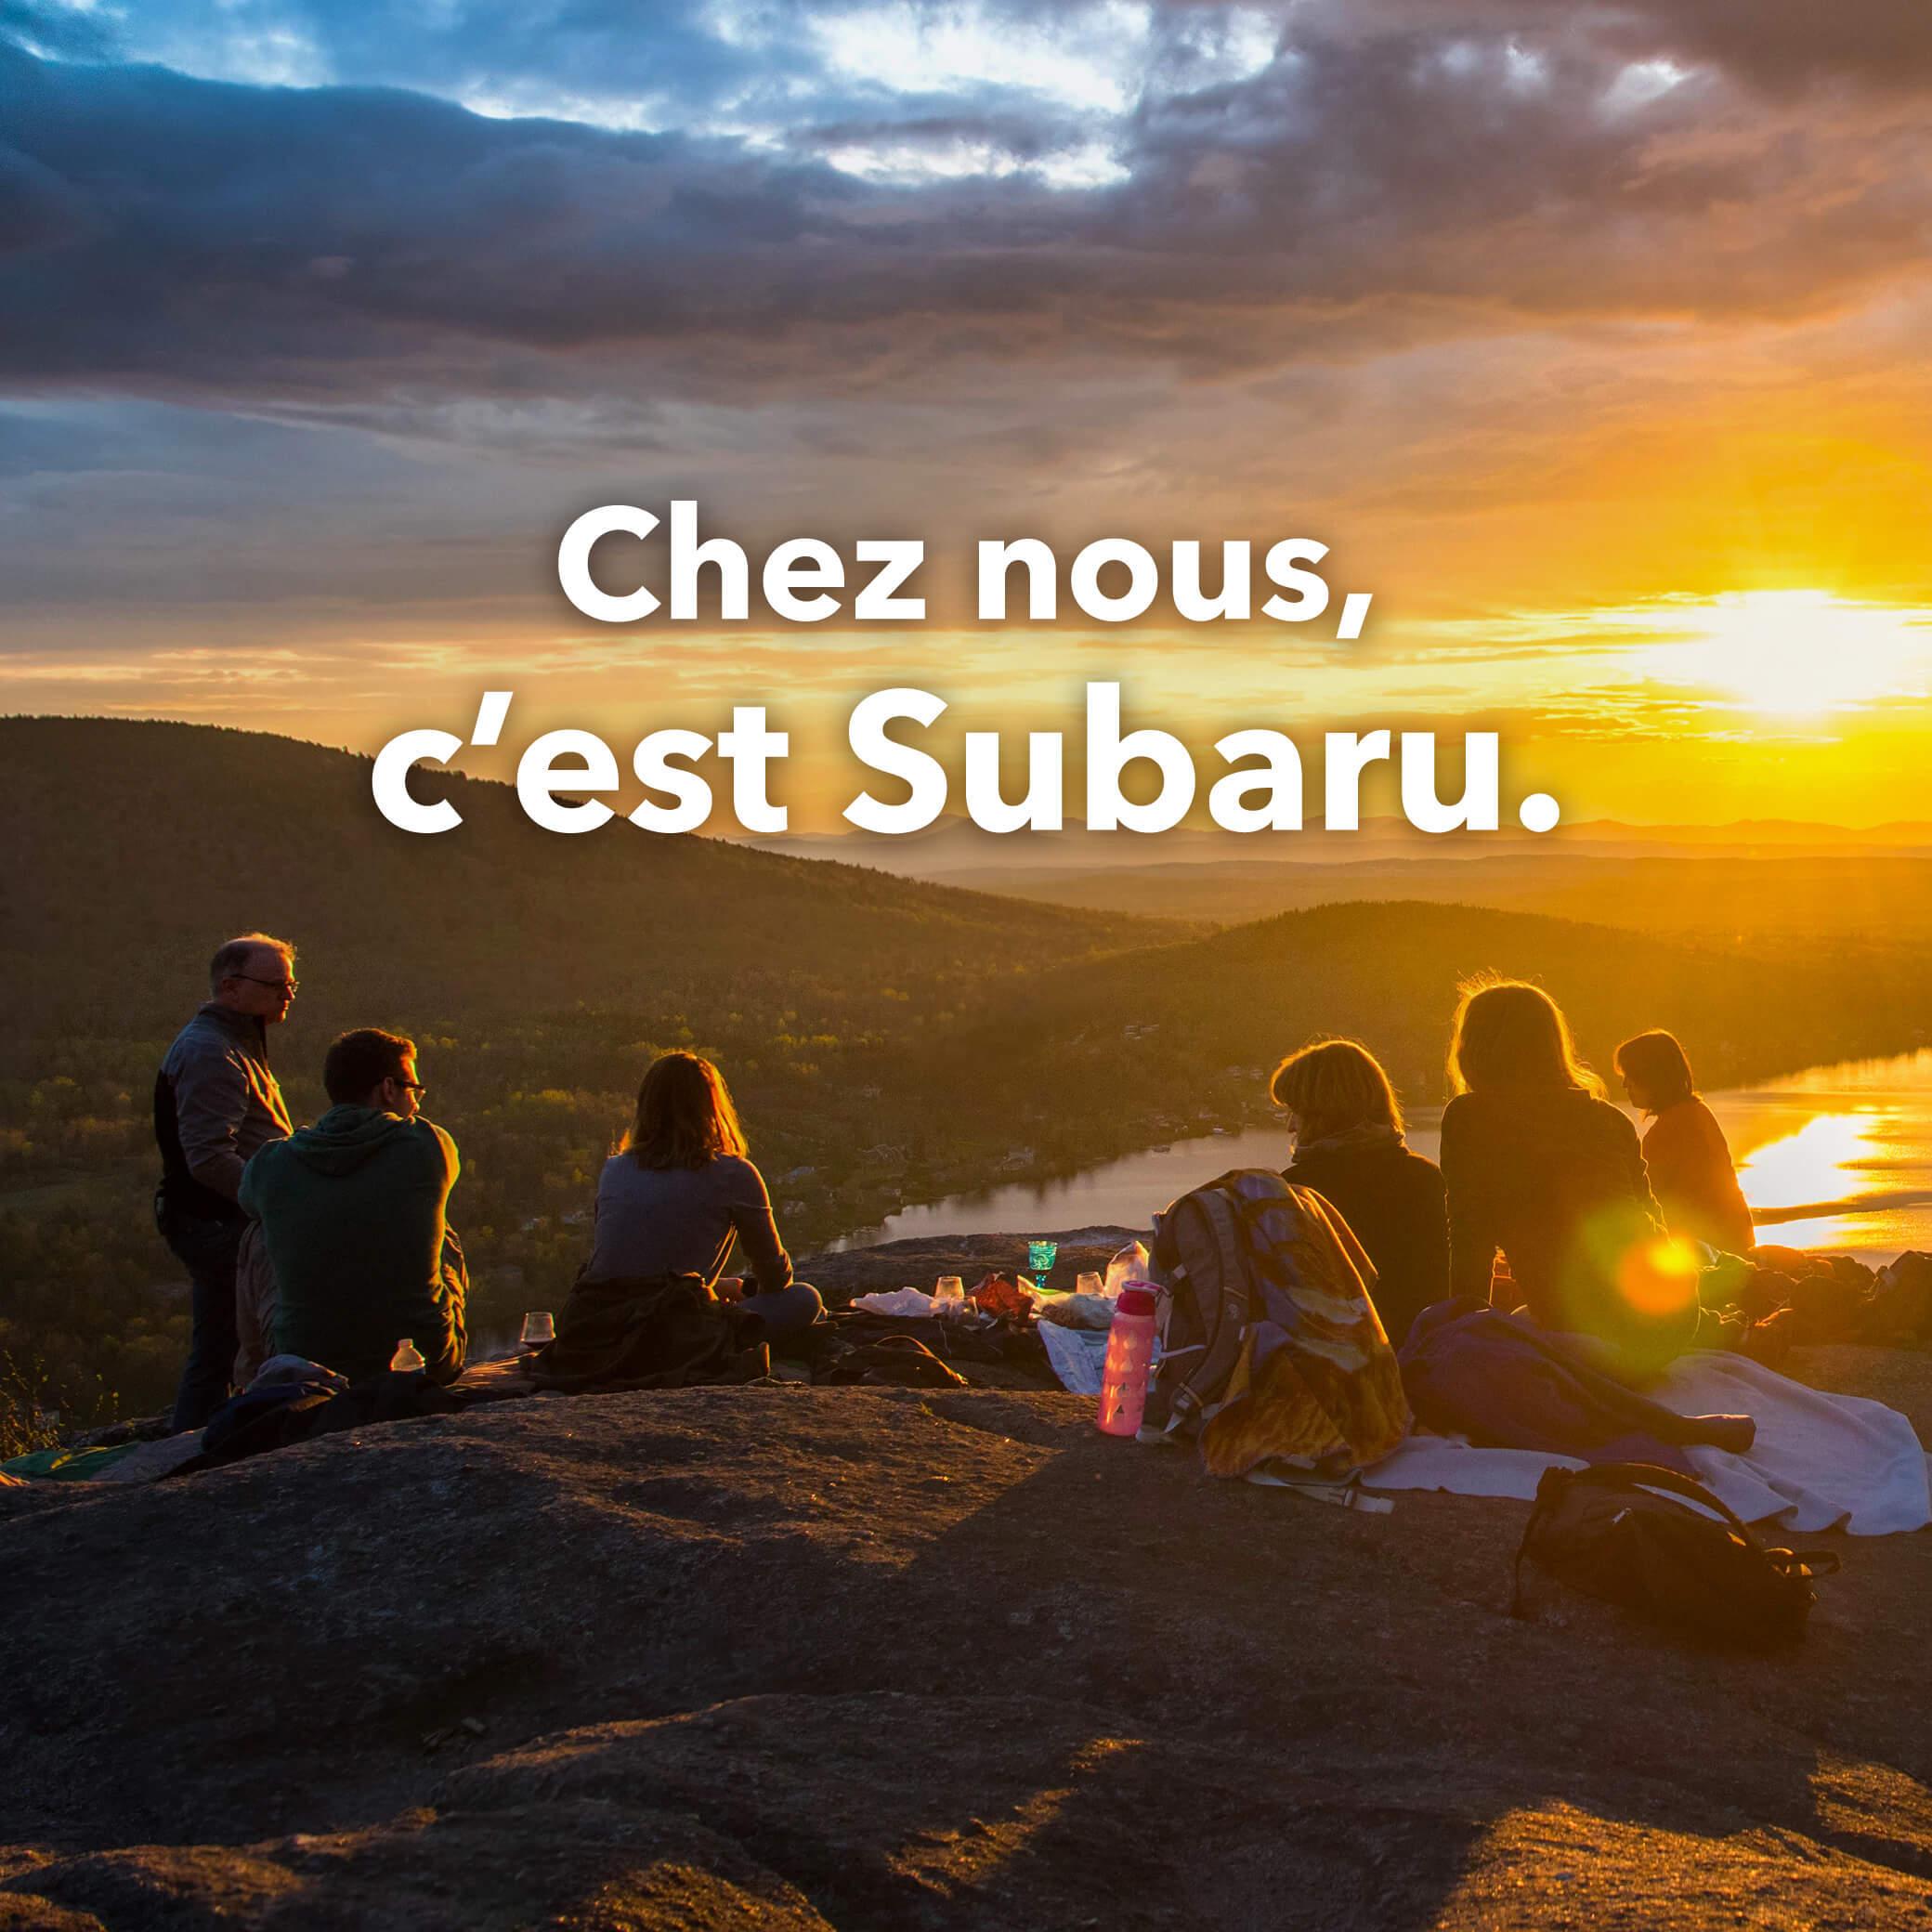 Chez nous, c'est Subaru.